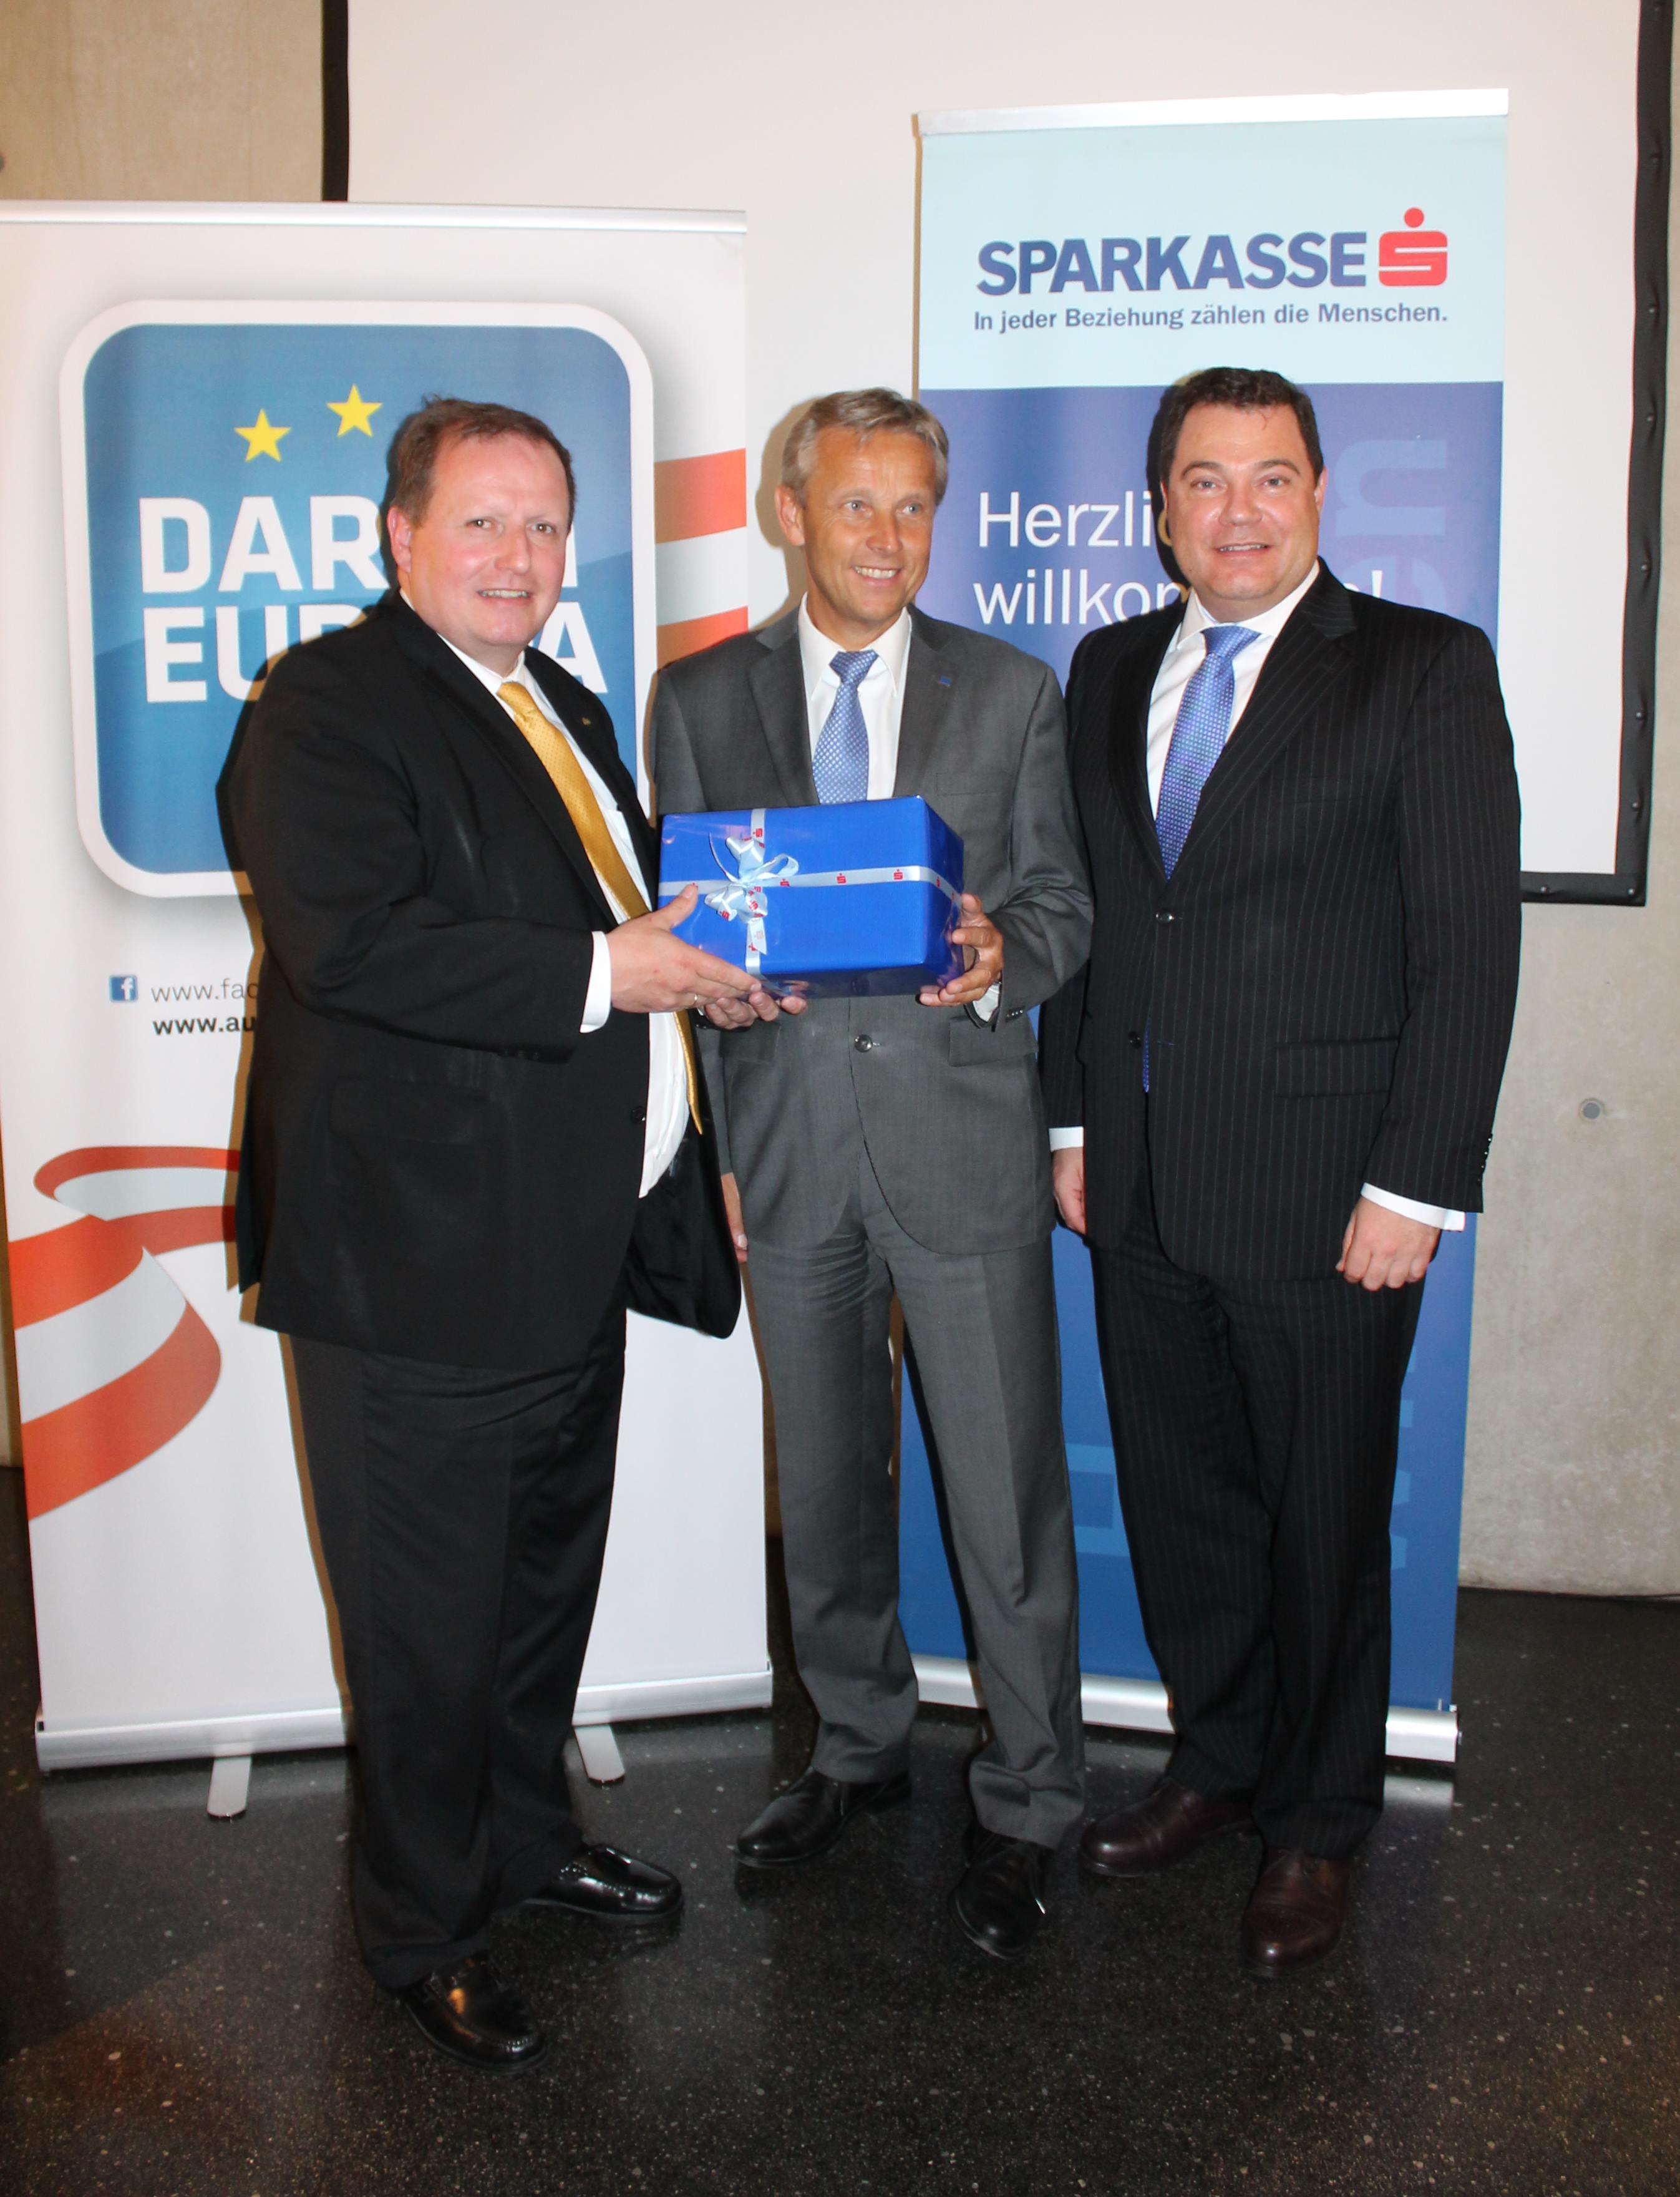 (c) BMEIA, STS Lopatka bei der Tiroler Sparkasse auf DARUM EUROPA Tour